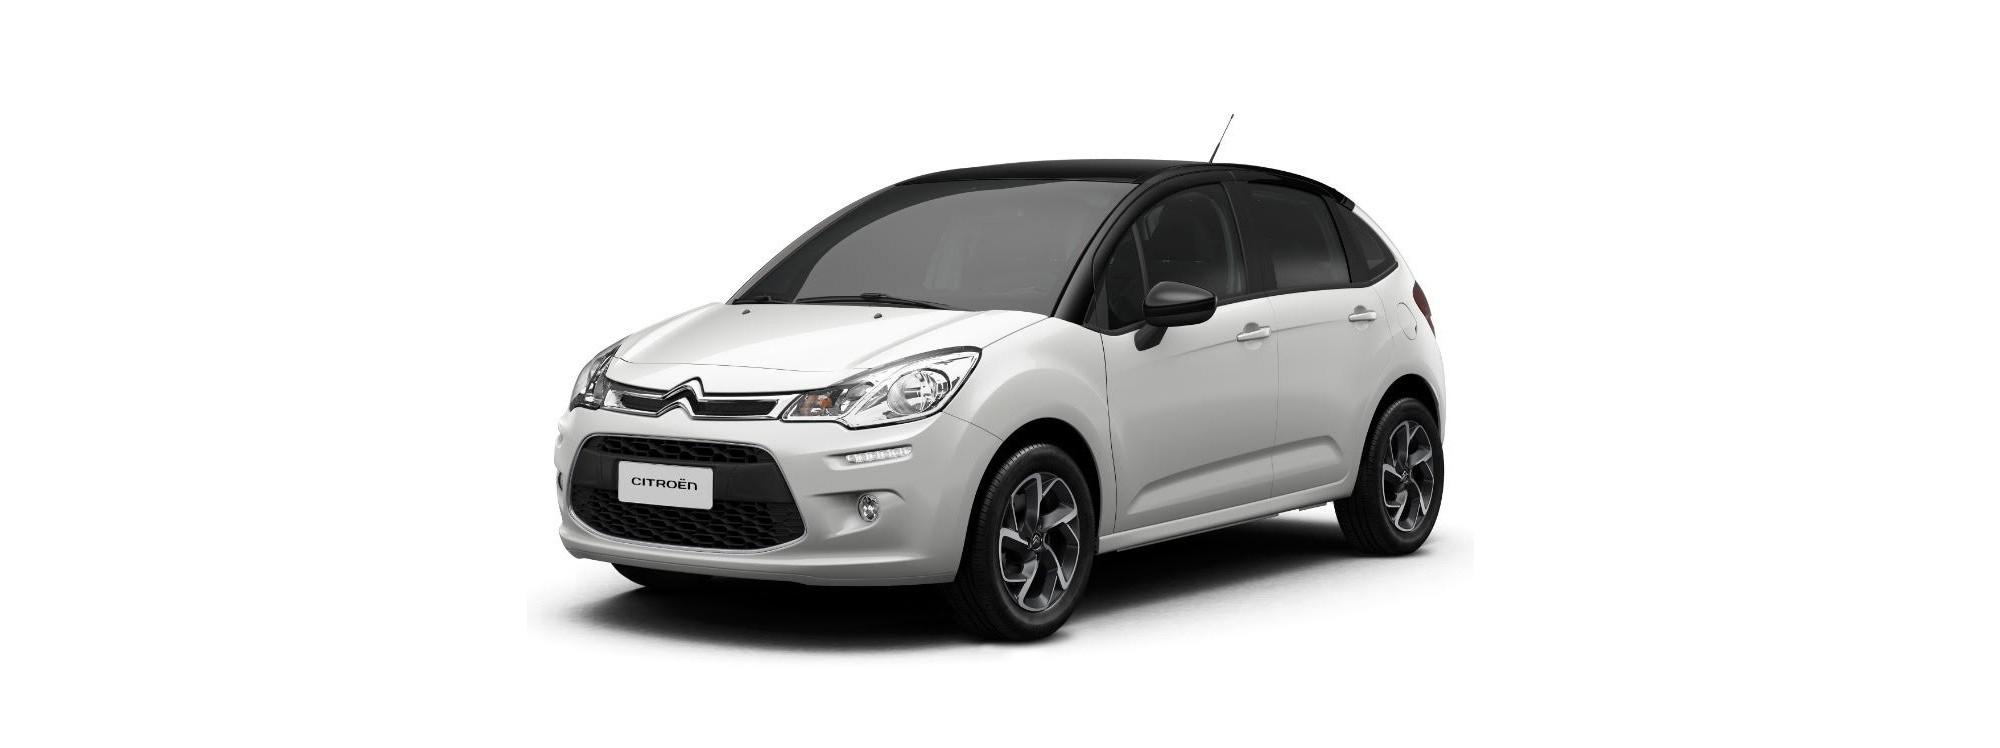 Las nuevas versiones del Citroën C3 Bitono